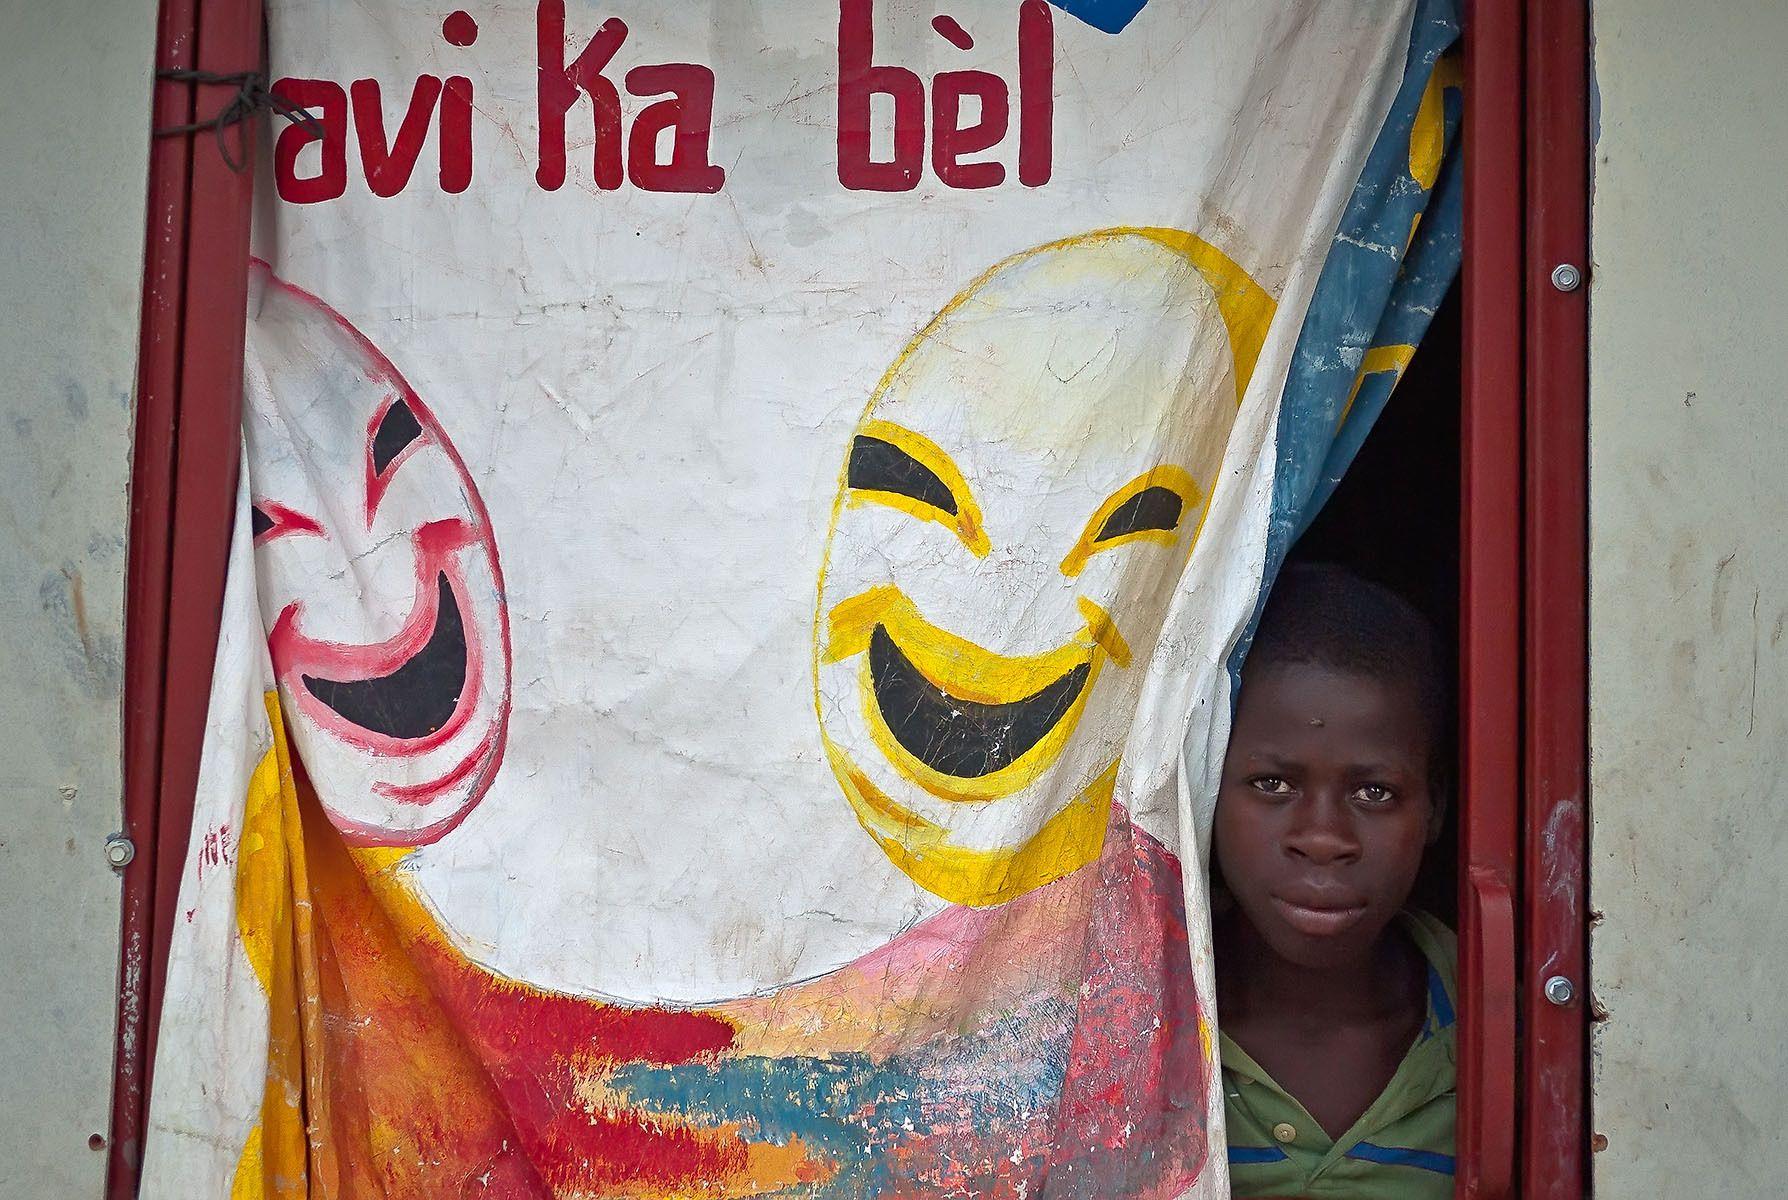 Bernard-Port Au Prince, Haiti 2011